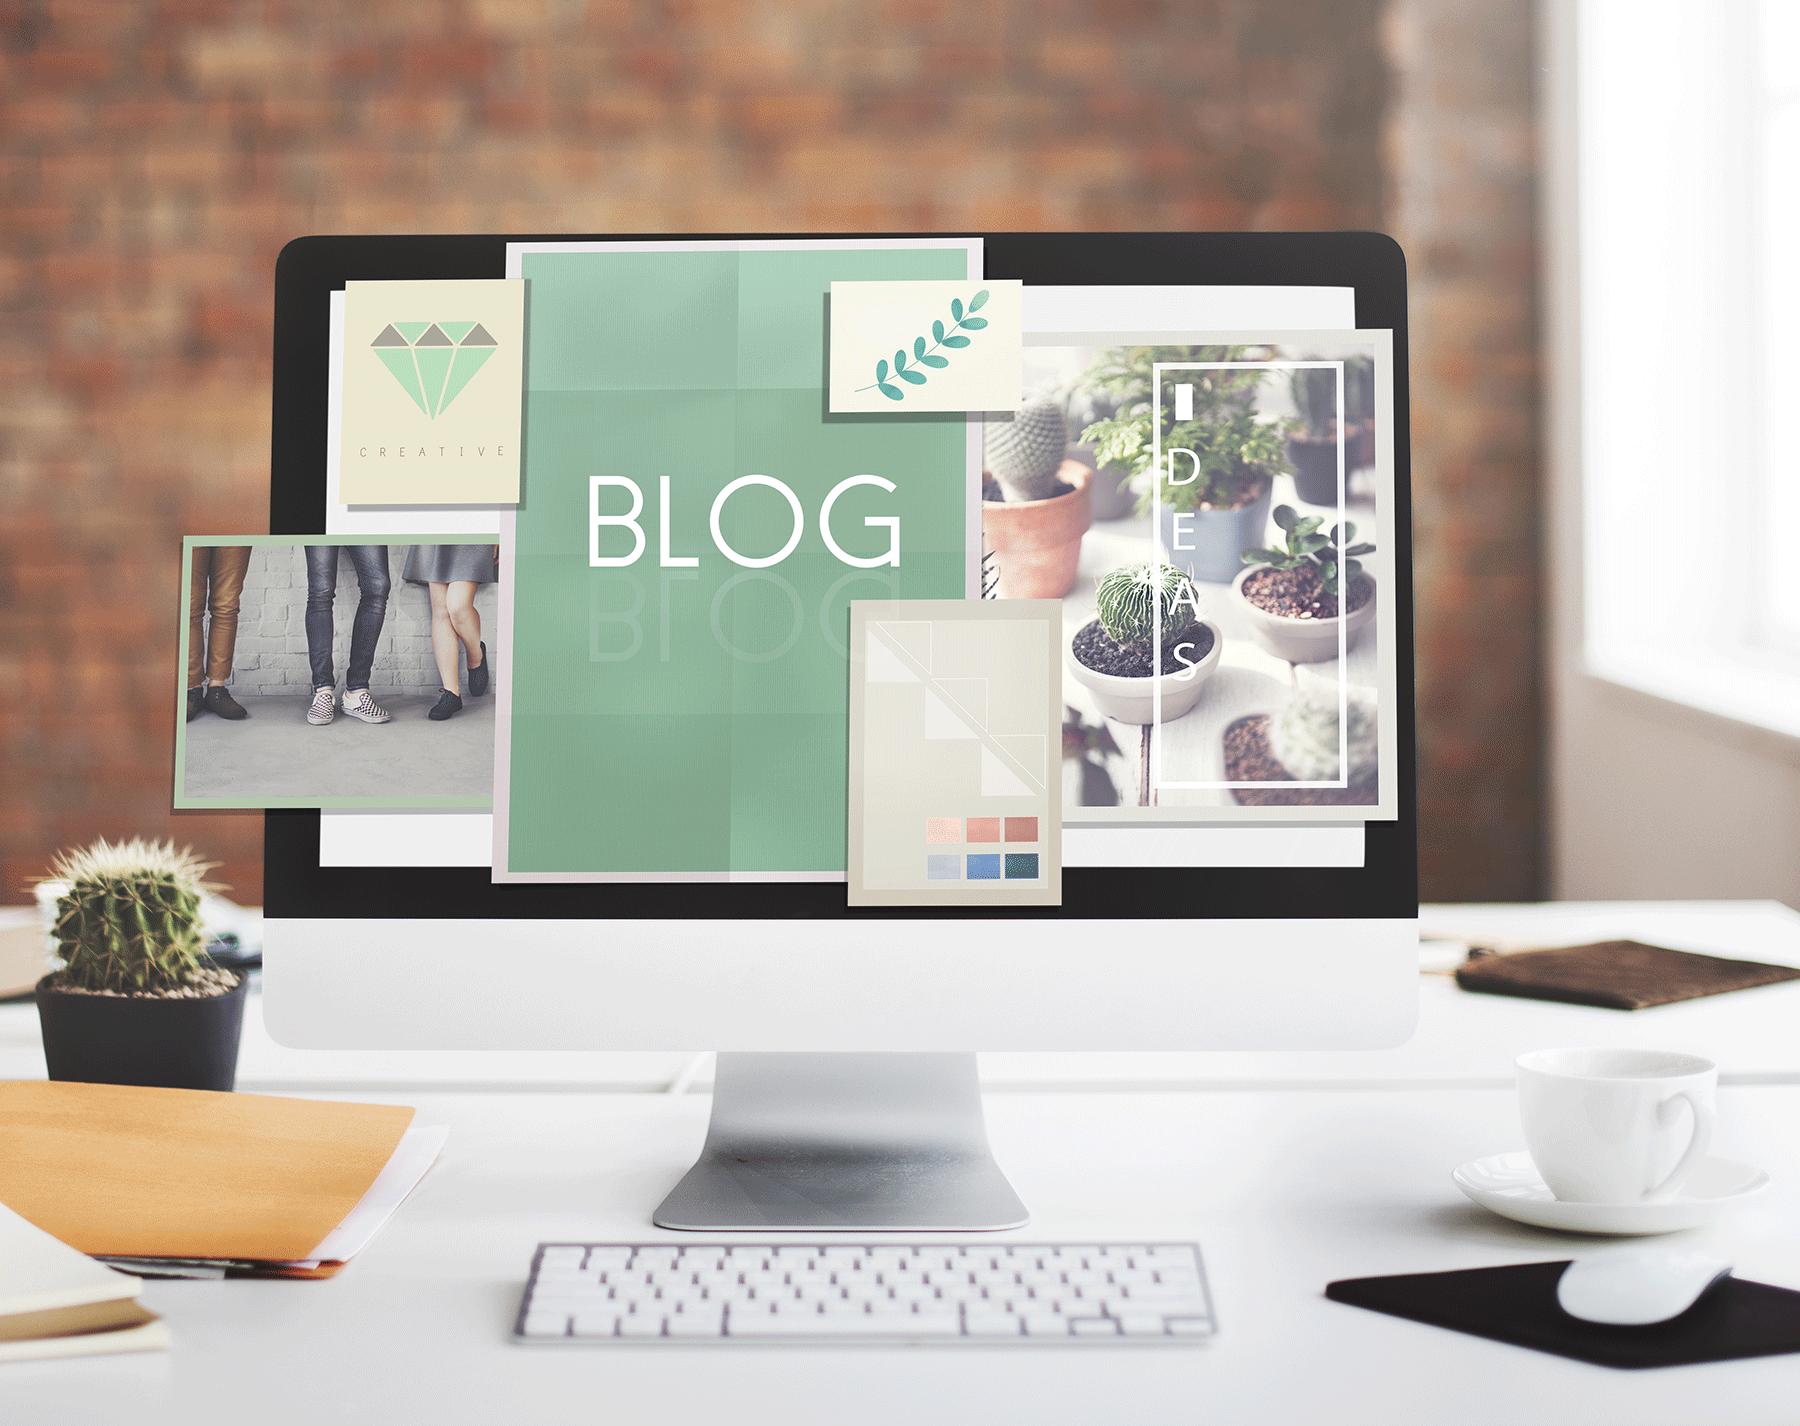 Bedriftsblogg forsidebilde